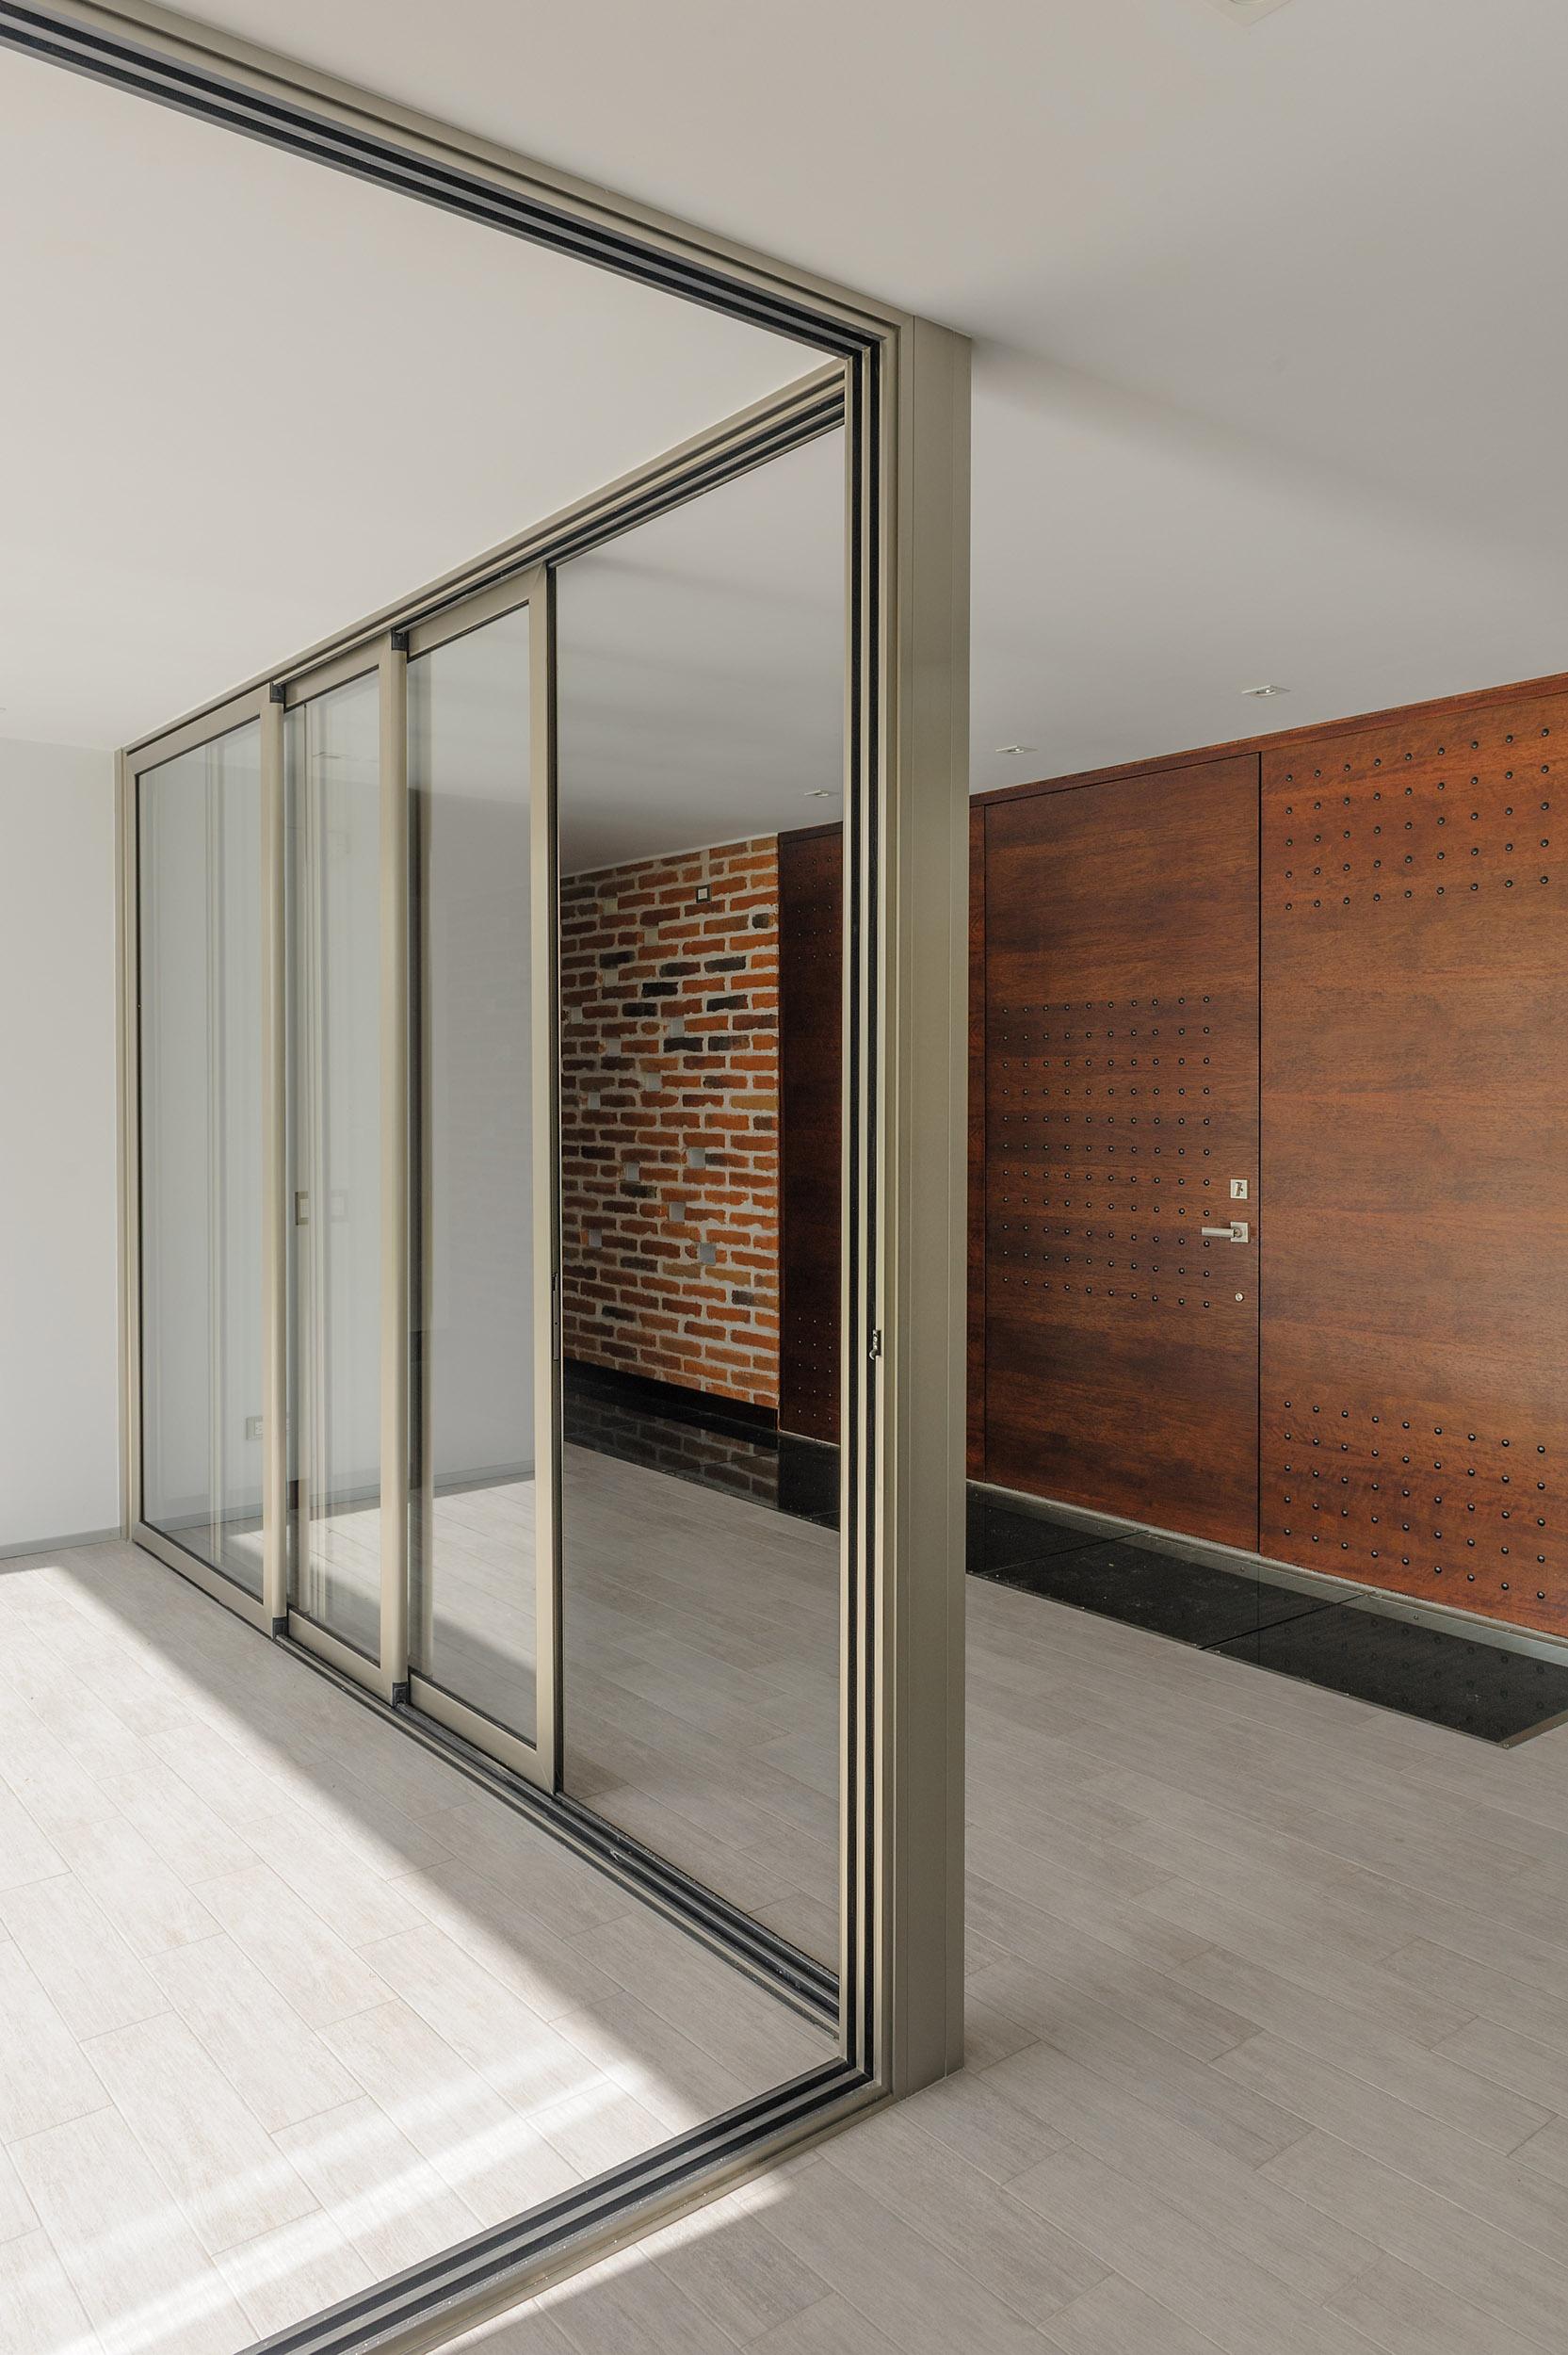 Puerta de vidrio corrediza en forma de L